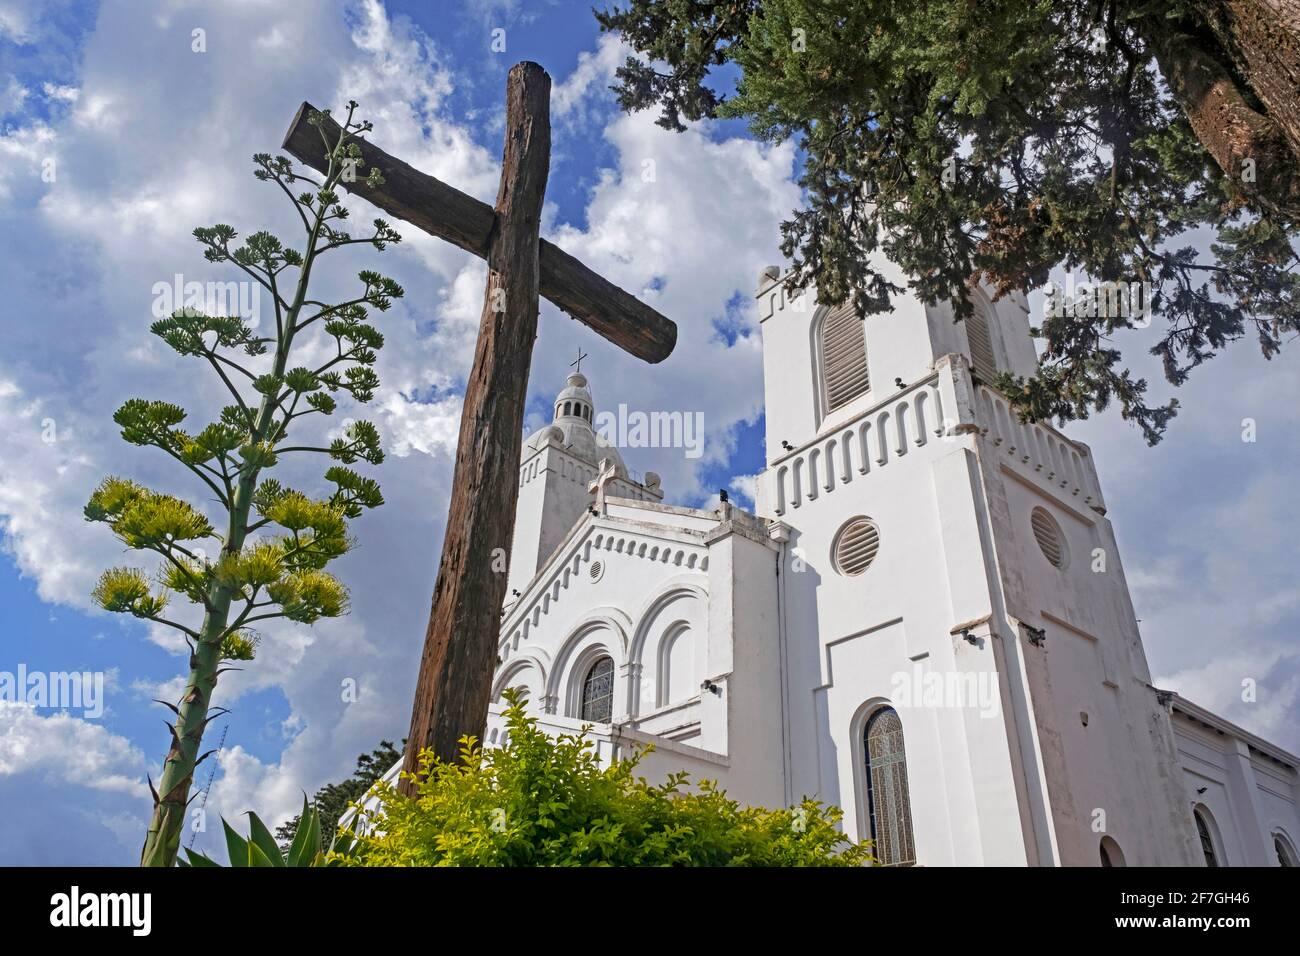 Cattedrale dell'Incarnazione / Catedral de la Encarnación, Chiesa cattolica romana nella città Encarnacion, Itapúa, Paraguay Foto Stock